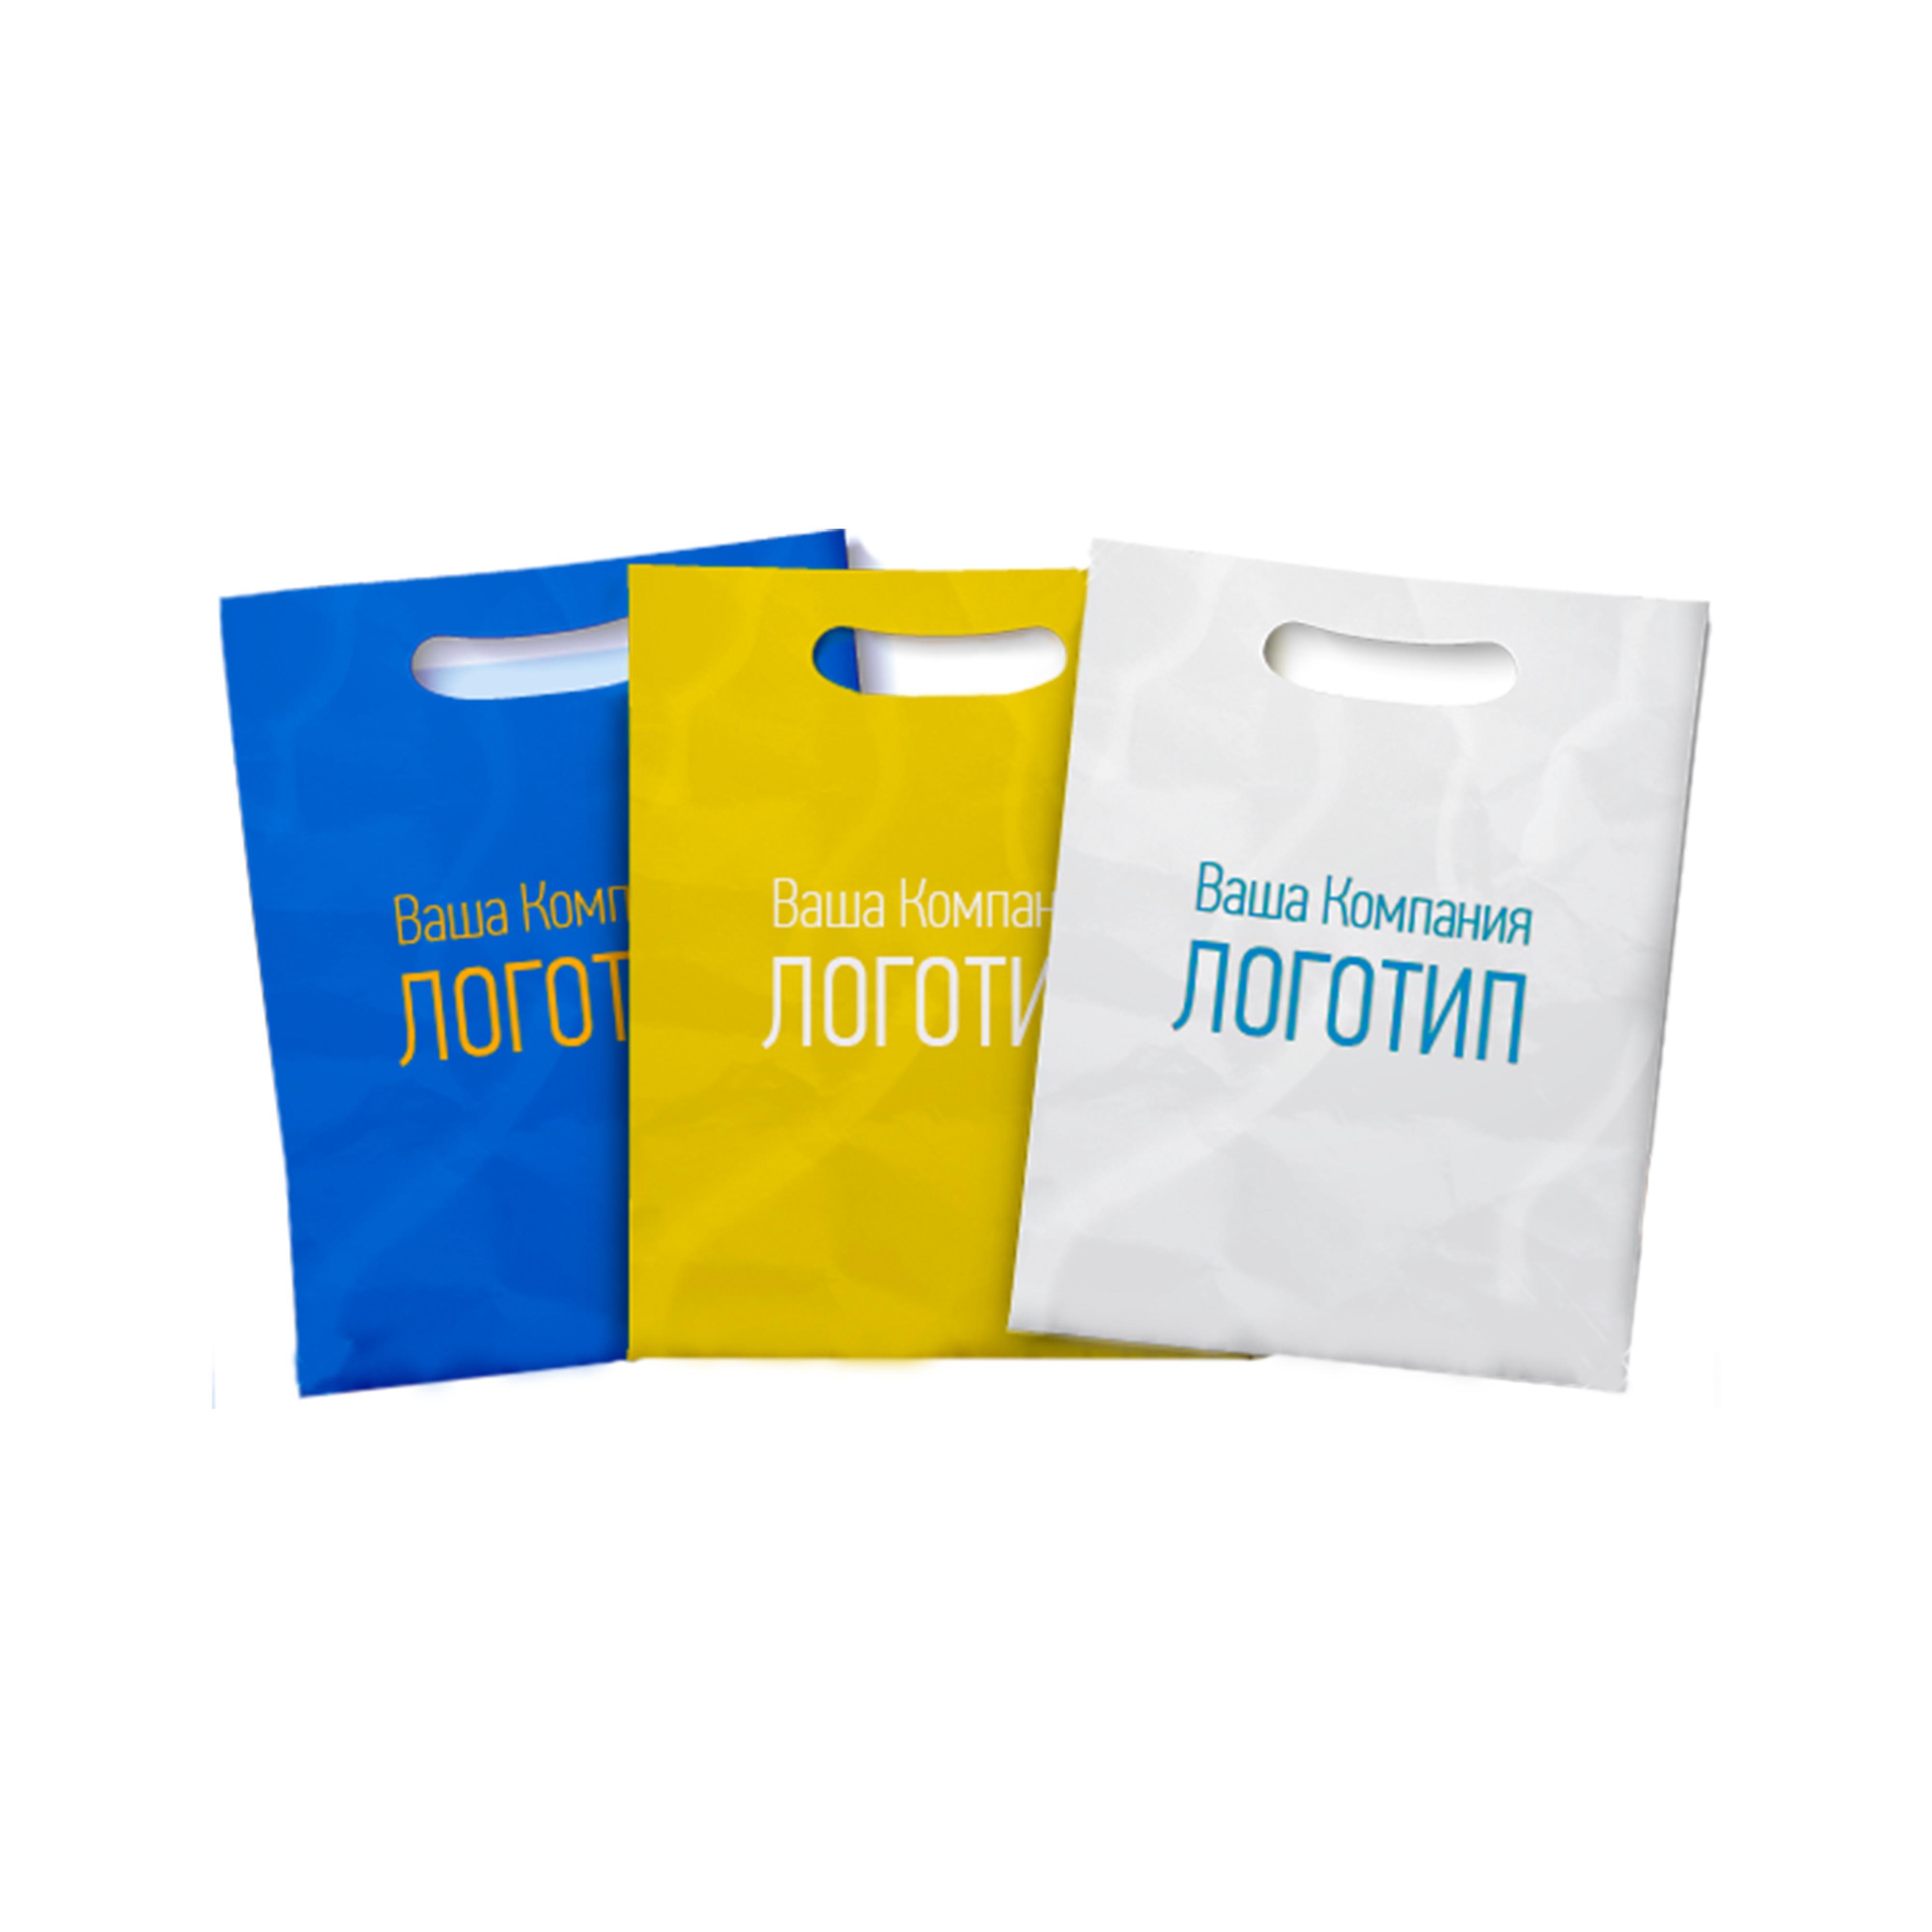 Историю загружать, пакеты и открытки с логотипом